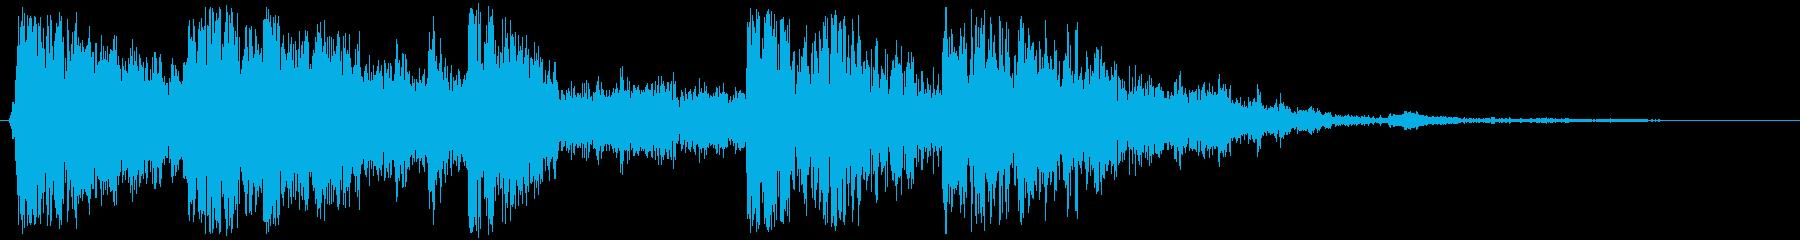 ビッグカークラッシュ、フリップオー...の再生済みの波形